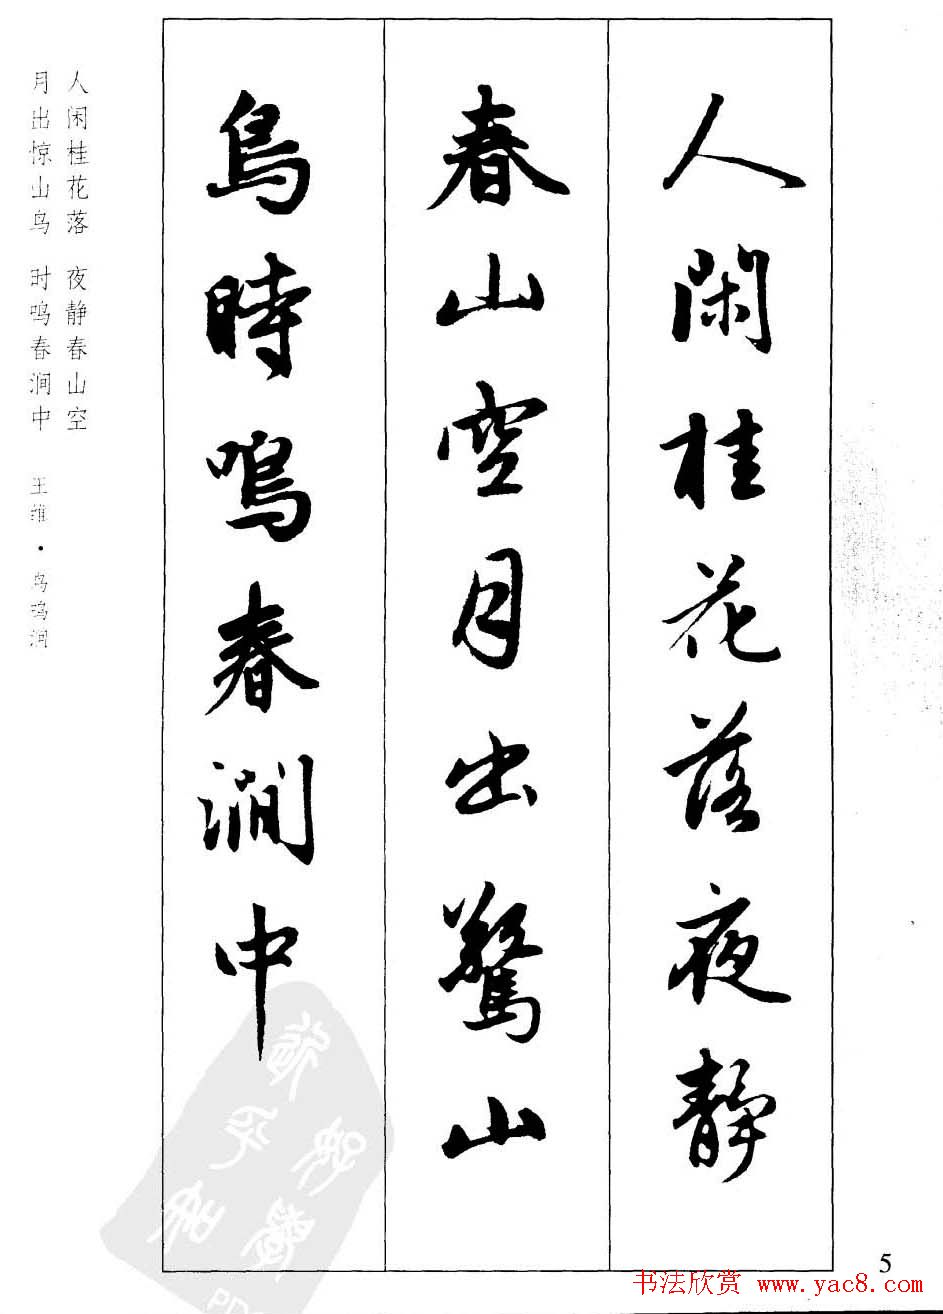 毛笔少女v毛笔《赵孟行书墨迹集字凹凸》视频字帖古诗图片